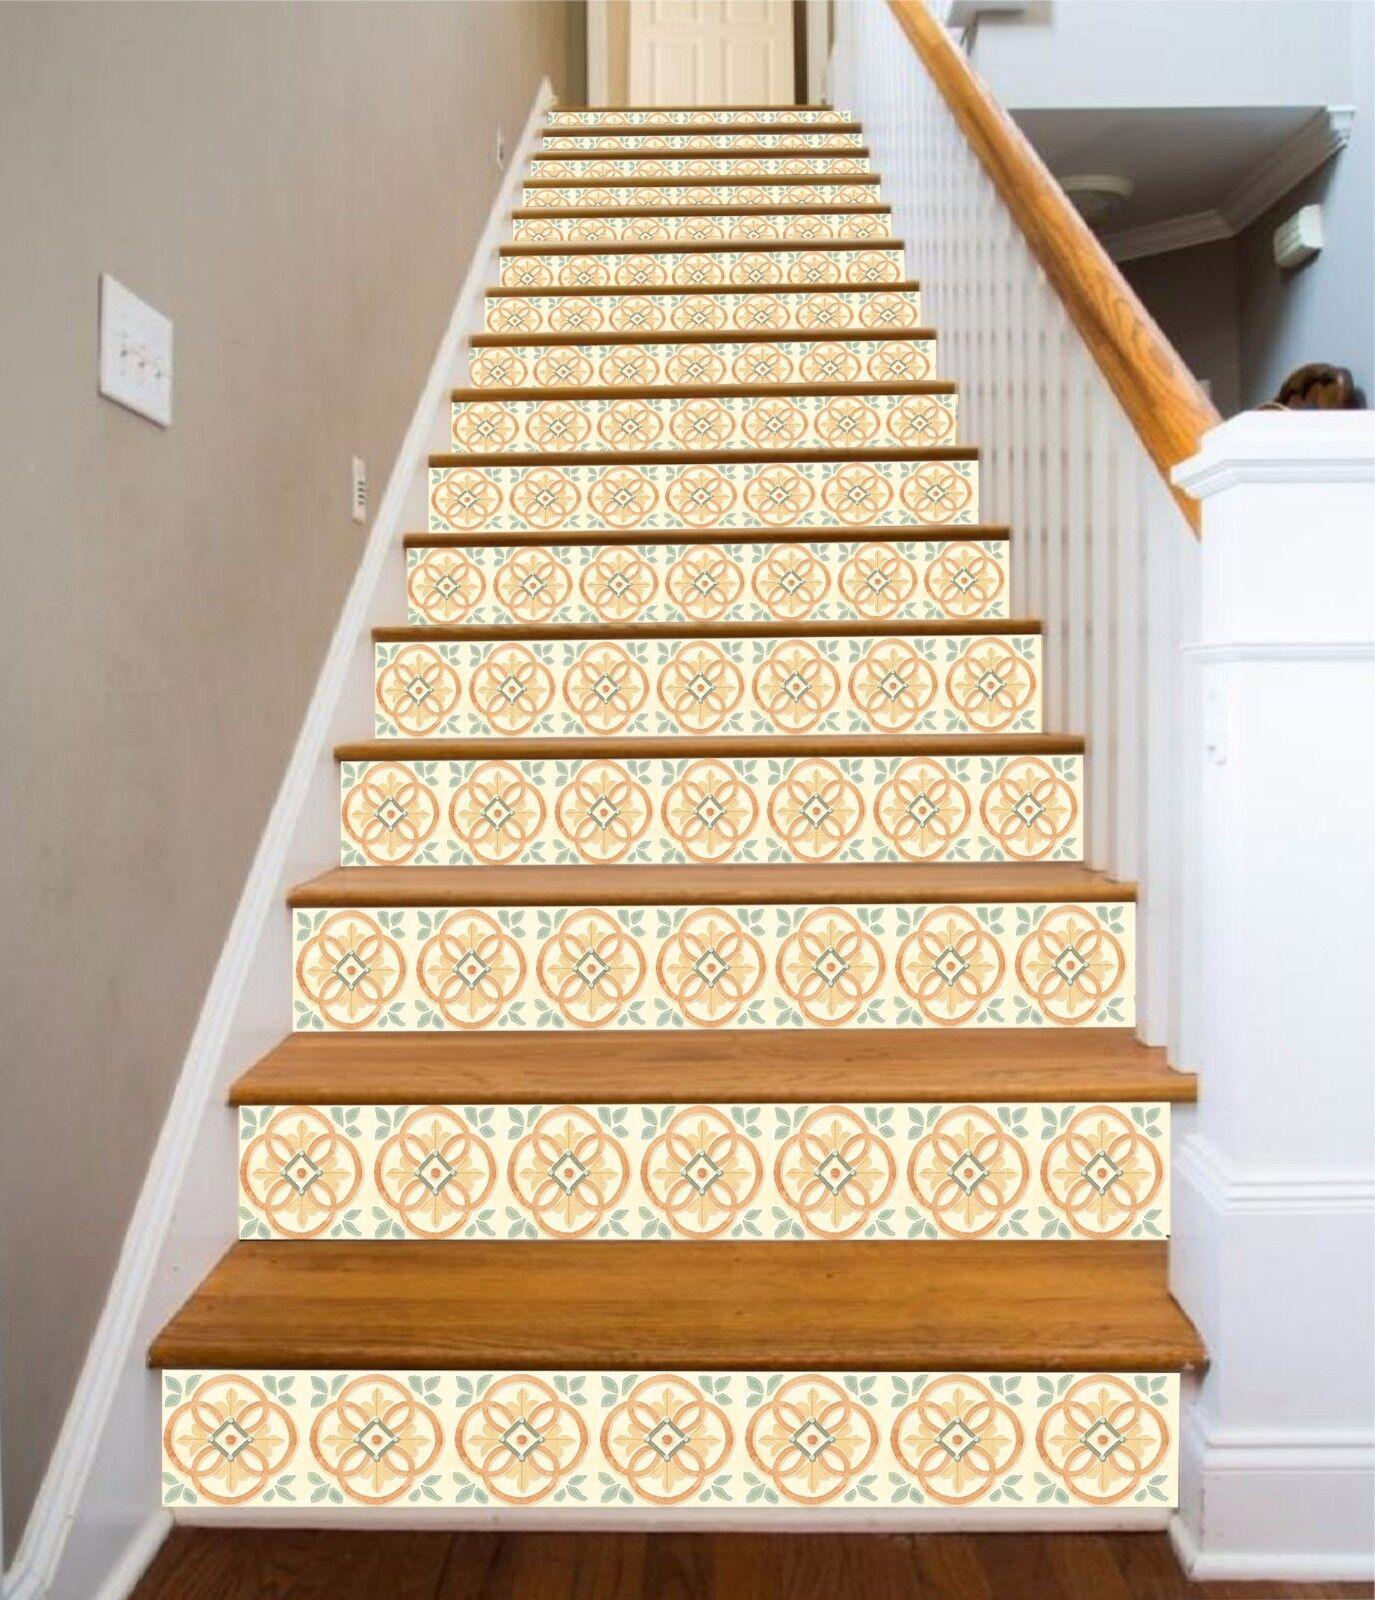 3D Retro Blaume 393 Stair Risers Dekoration Fototapete Vinyl Aufkleber Tapete DE